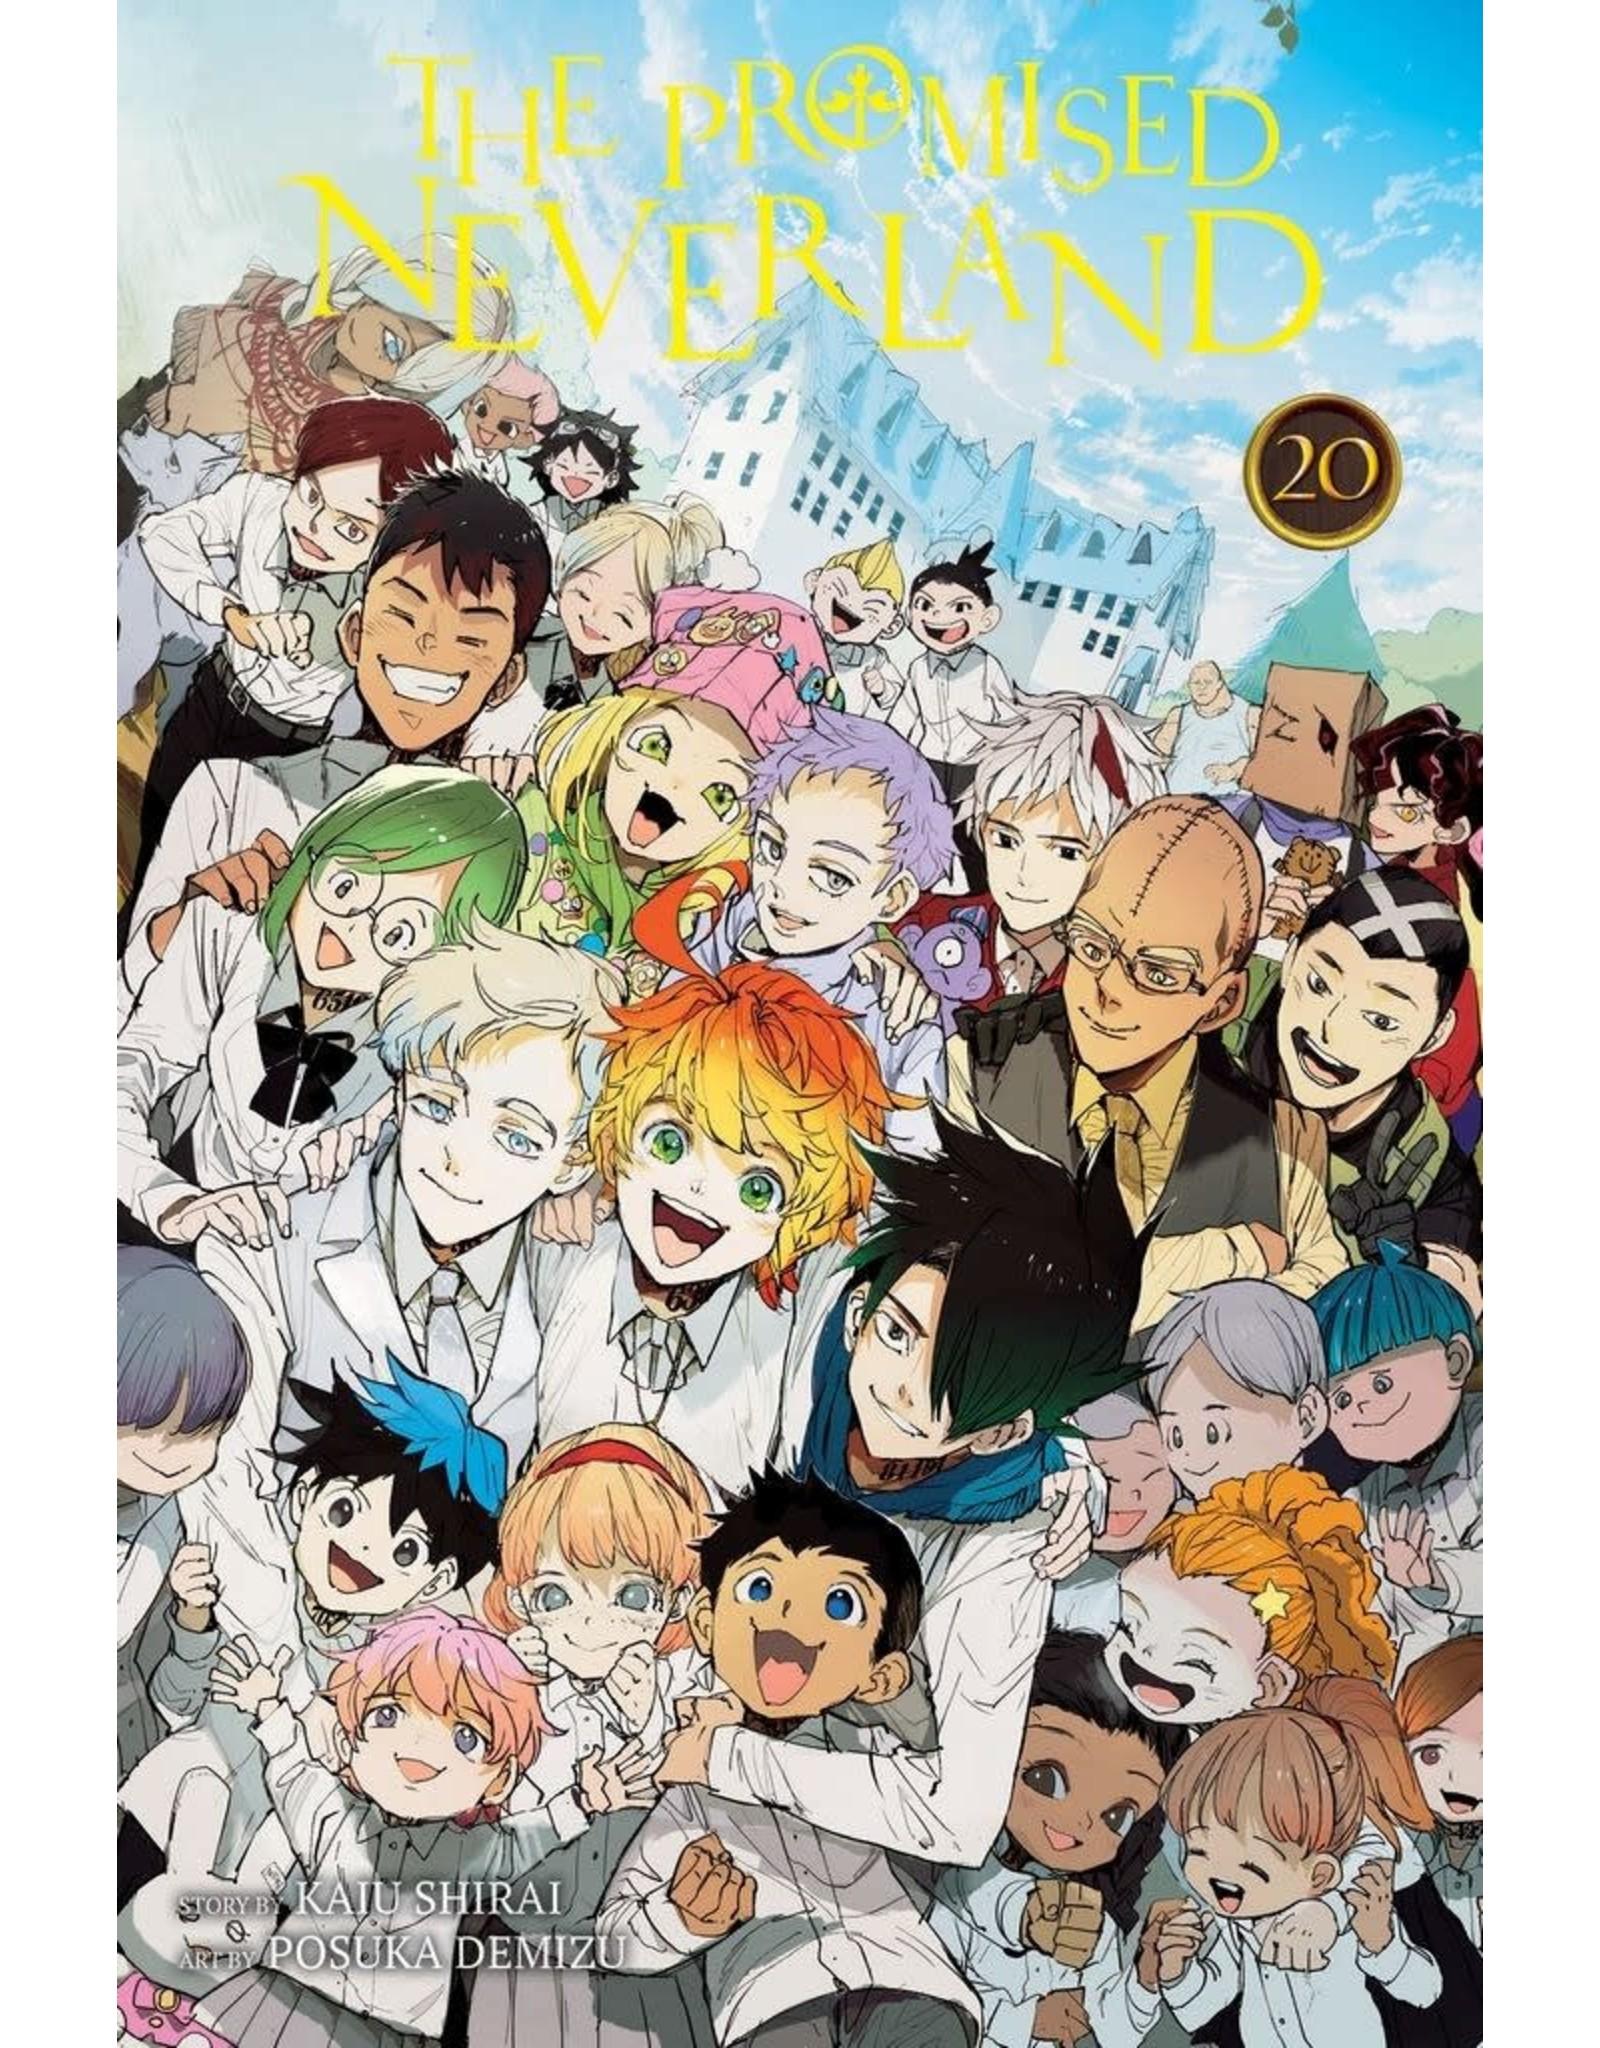 The Promised Neverland 20 (English) - Manga